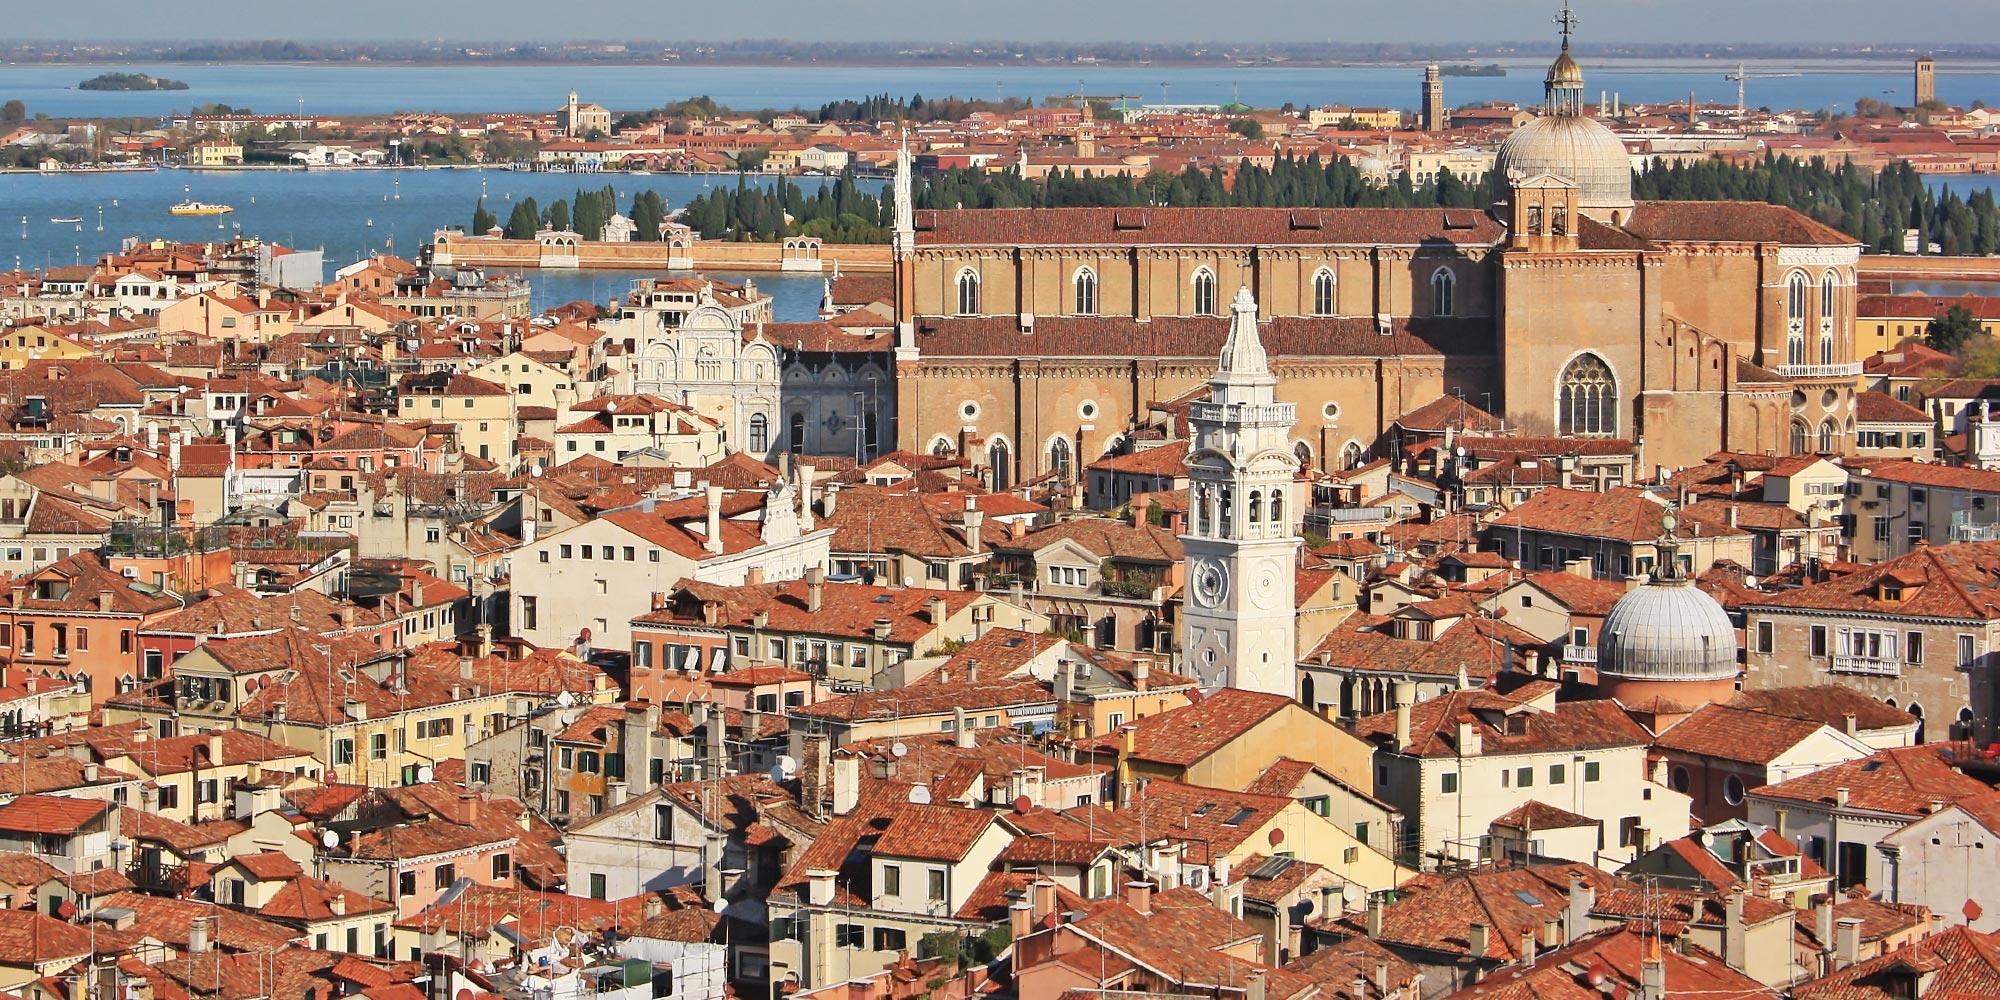 Italiavenicerooftops